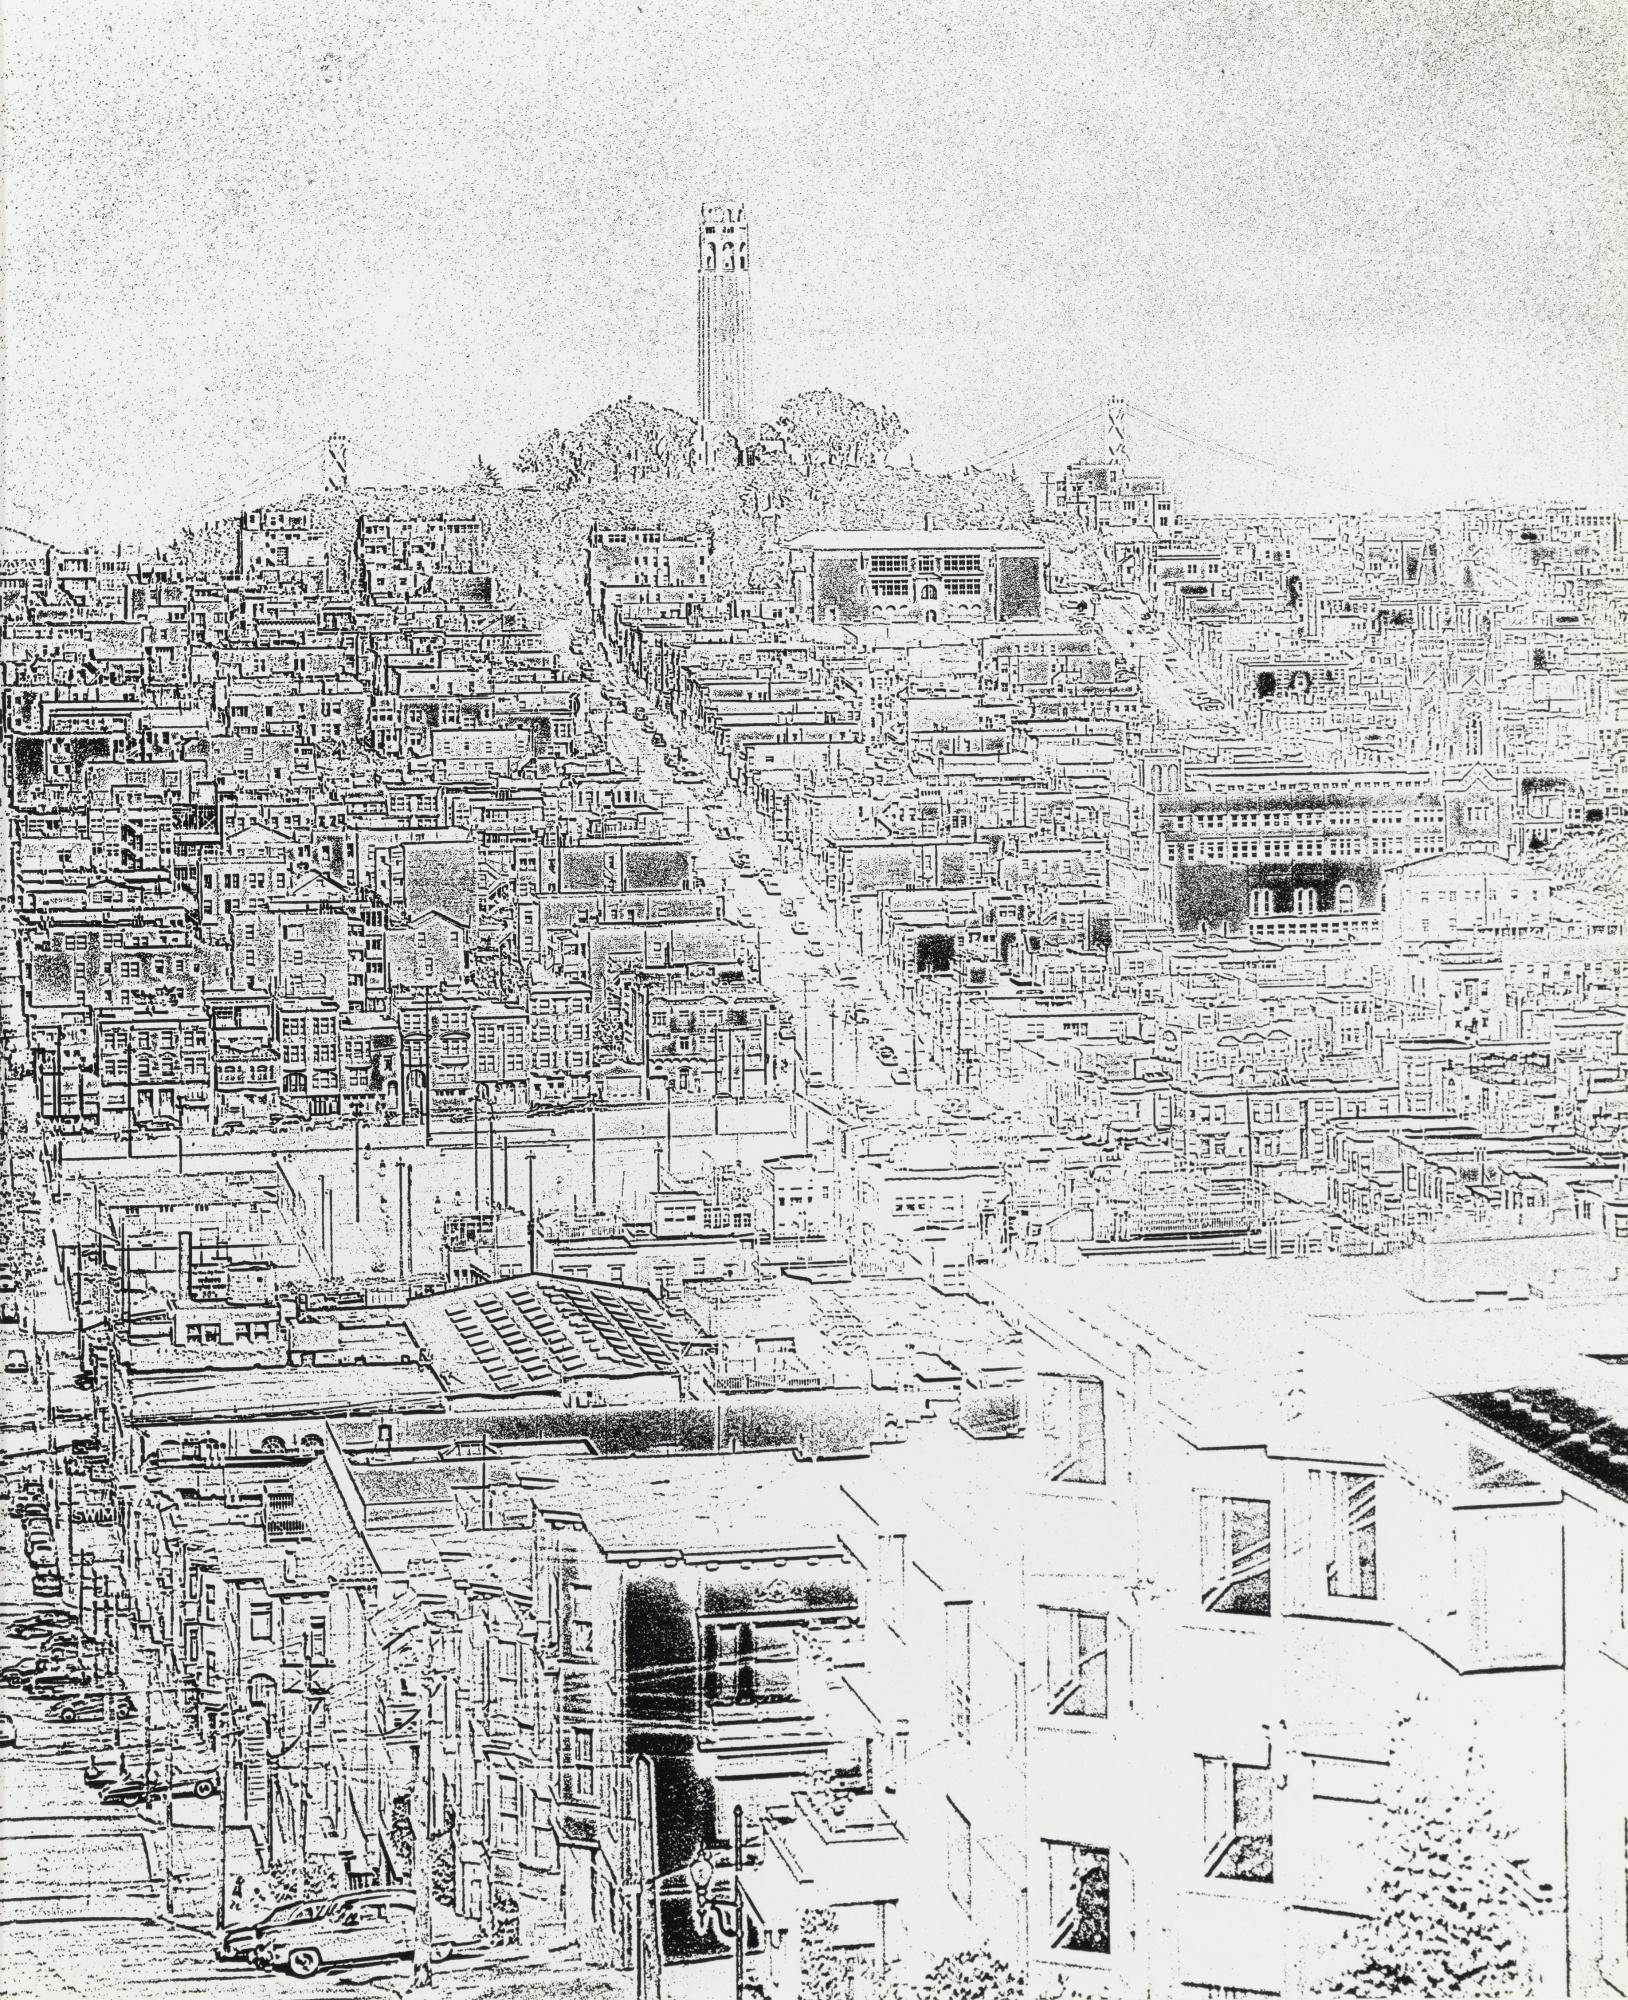 Milton Halberstadt-San Francisco (1)-1959